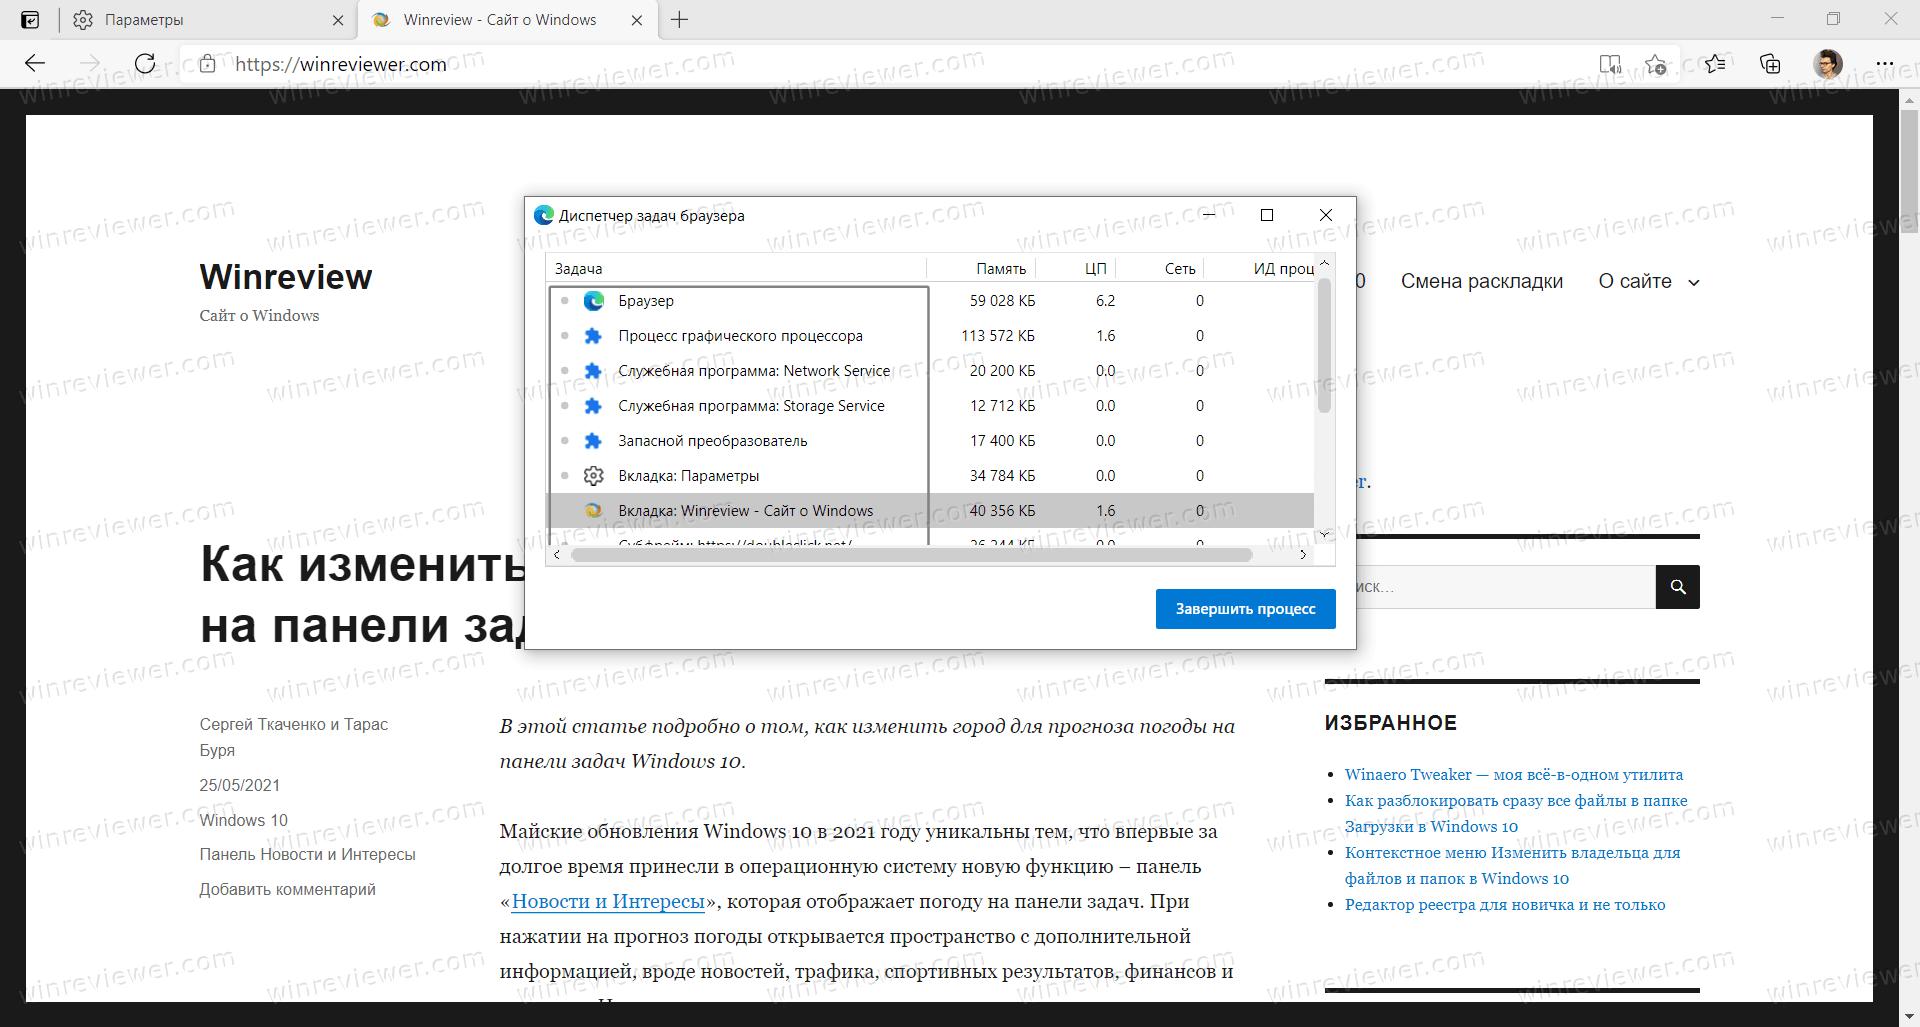 Открыть Диспетчер задач браузера в Microsoft Edge